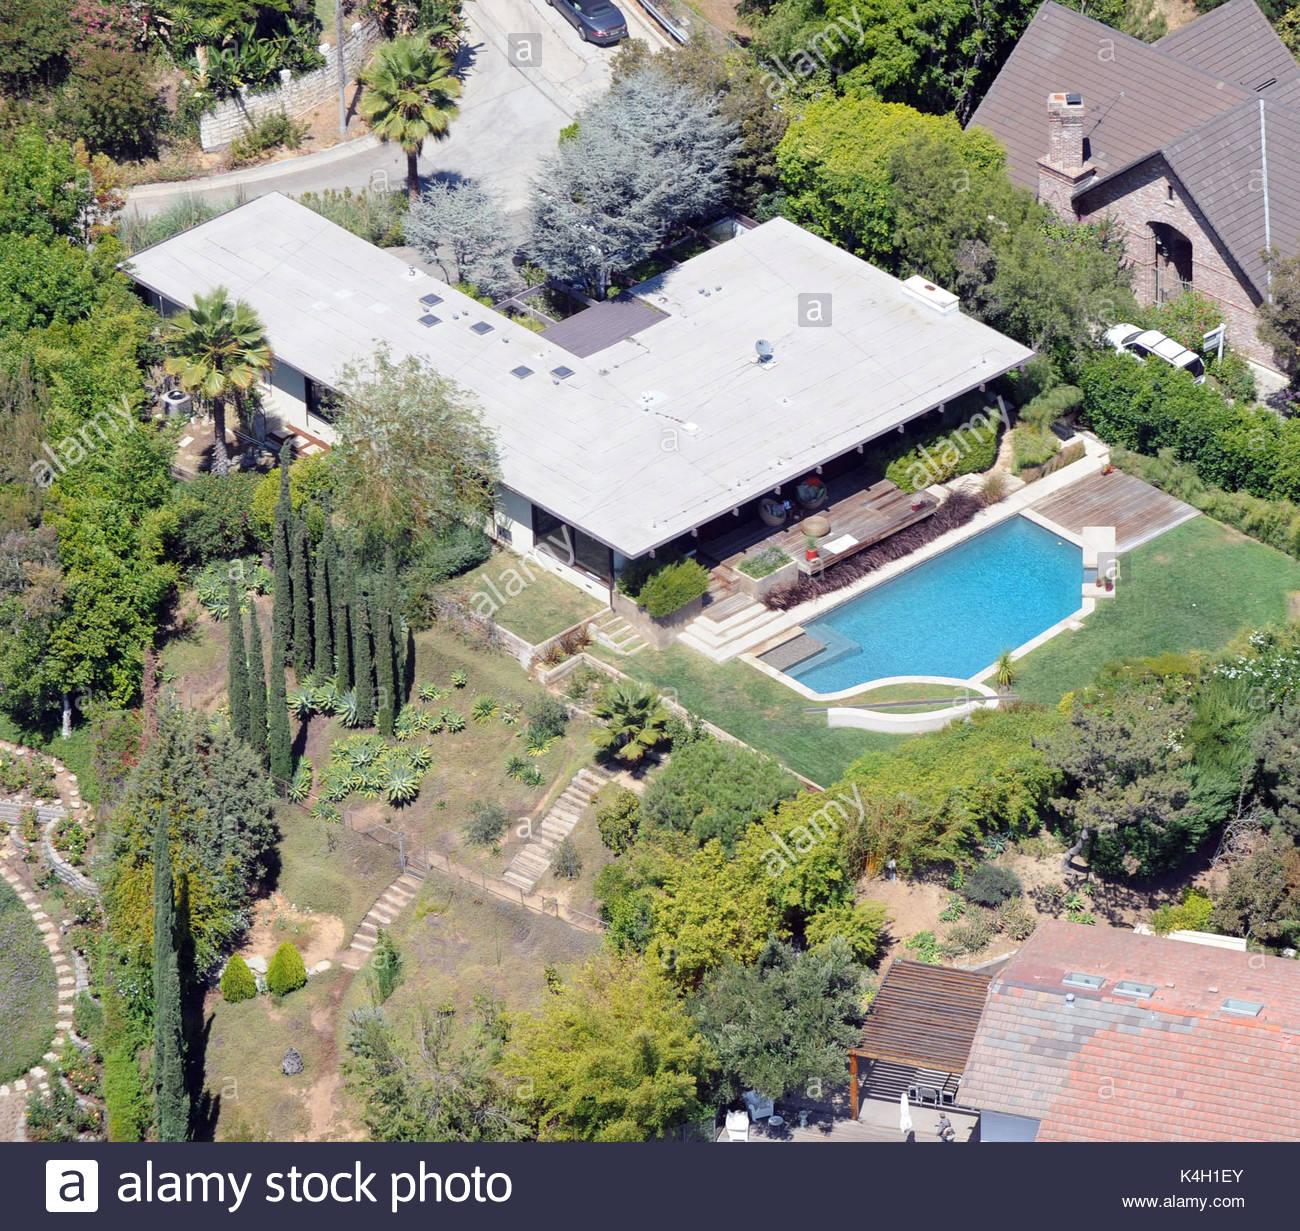 Comprar casa de simple fachada principal vista nocturna casas de estilo minimalista por milla - Casas baratas en pueblos de valencia ...